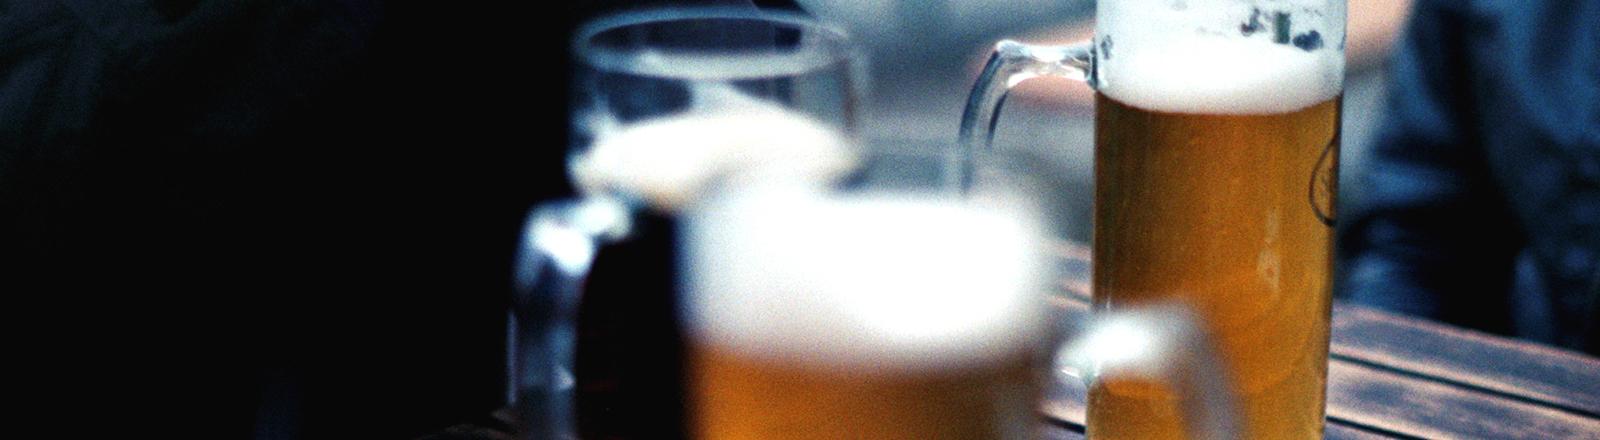 Biergläser auf einem Tisch im Biergarten.